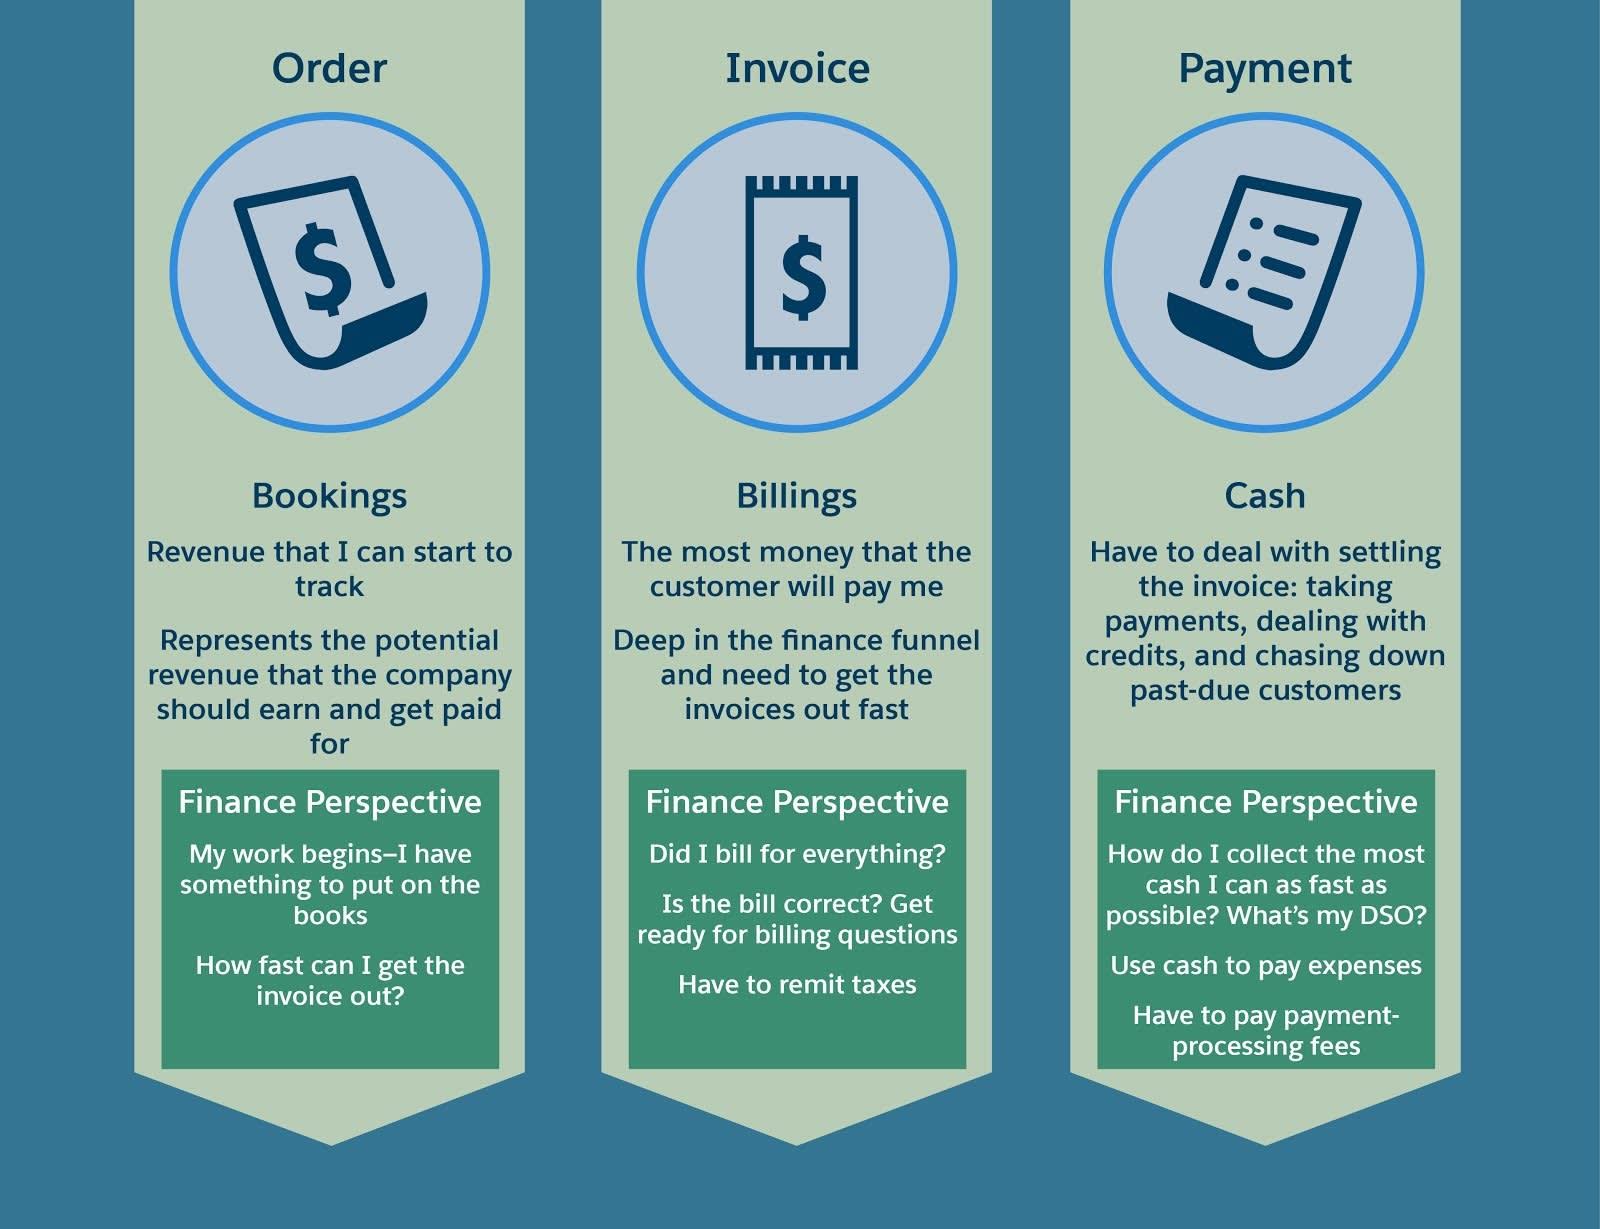 Normalerweise sind Finanzteams an den Phasen Auftrag, Rechnung und Zahlung beteiligt.